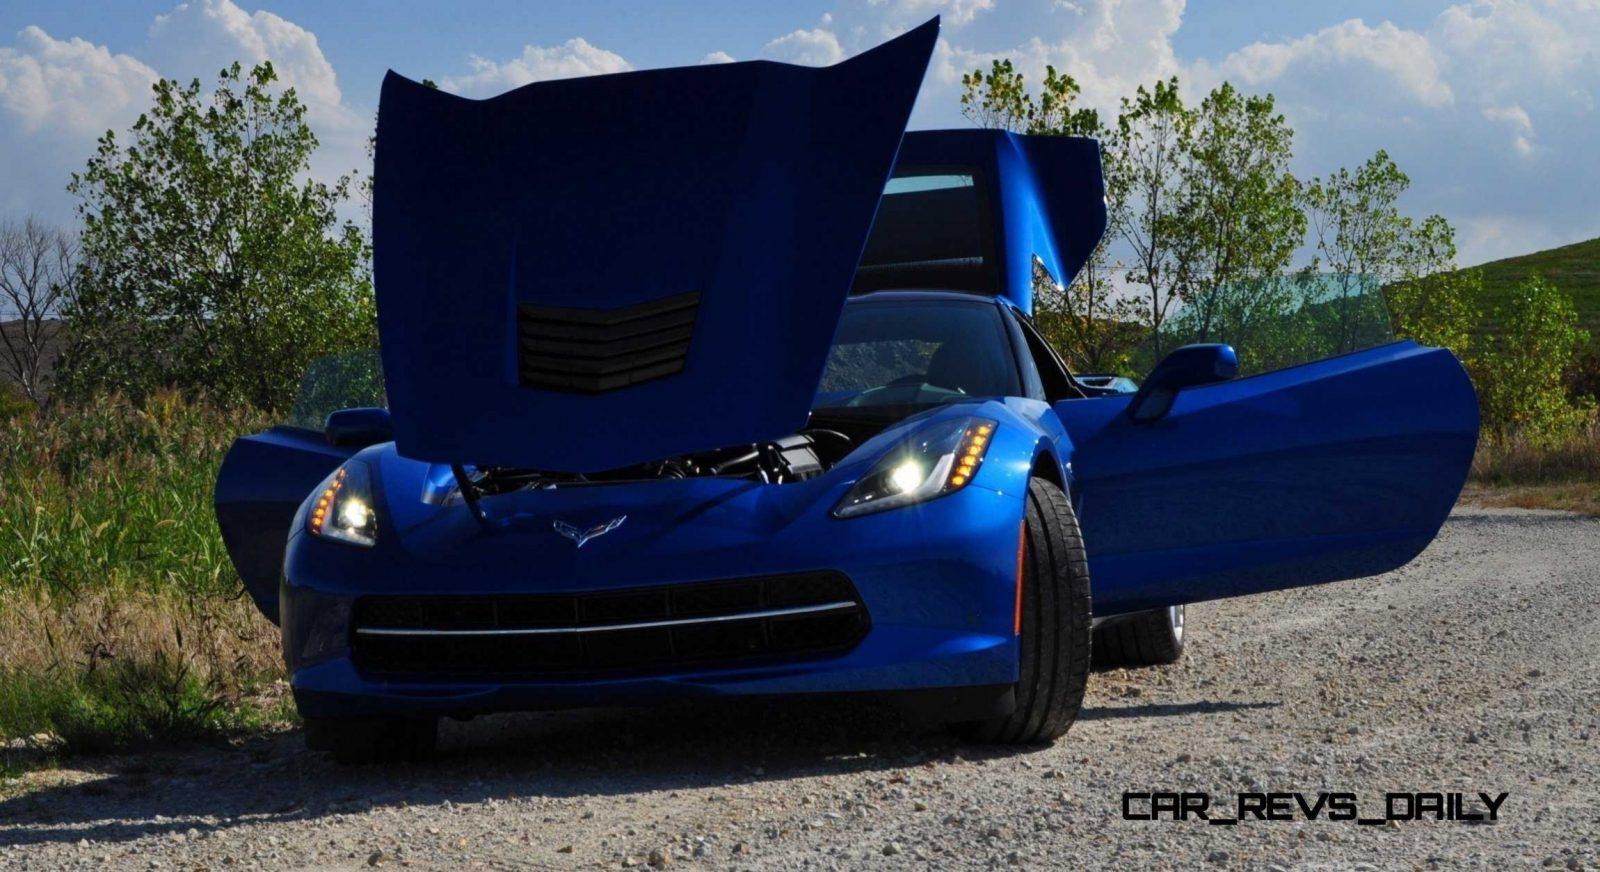 2014 Chevrolet Corvette Stingray Z51 in 102 Photos57